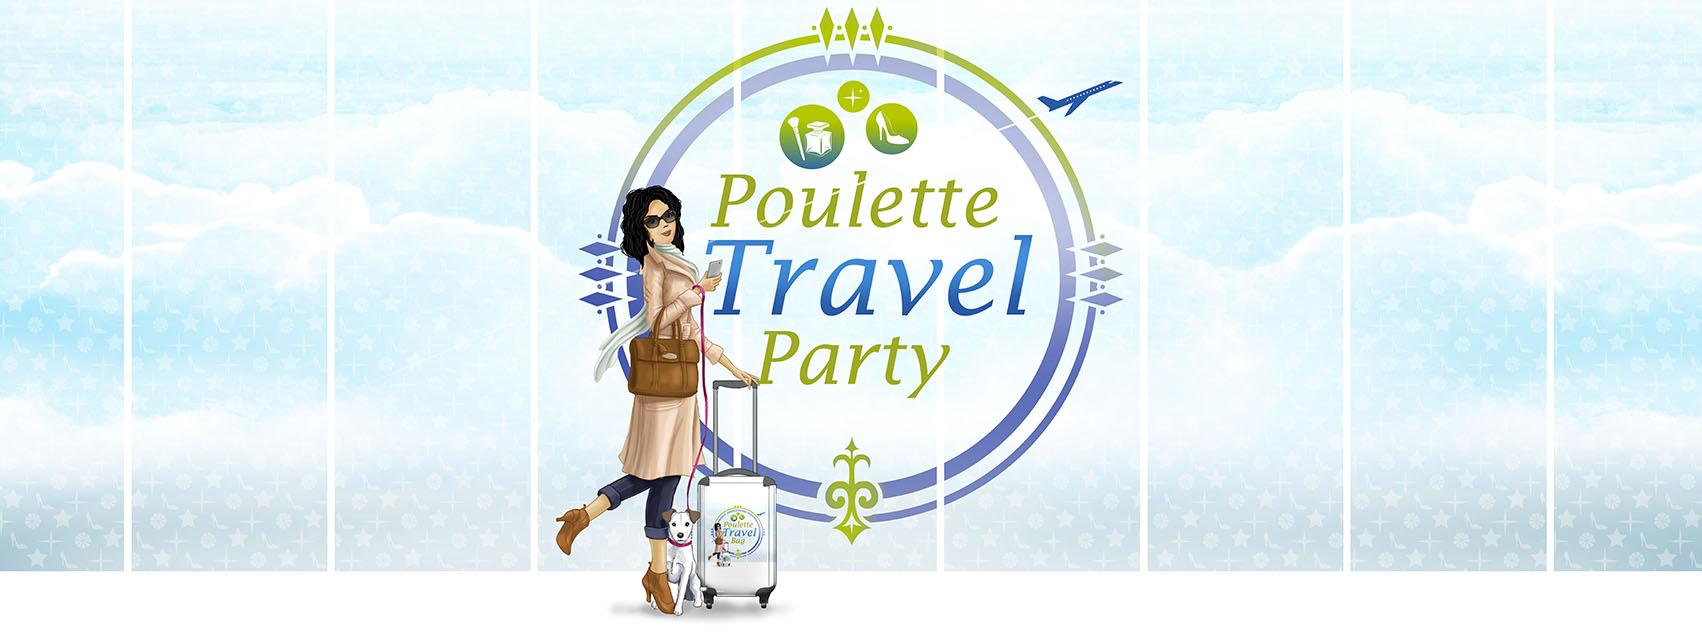 poulette-travel-party-blog-voyage-beaute